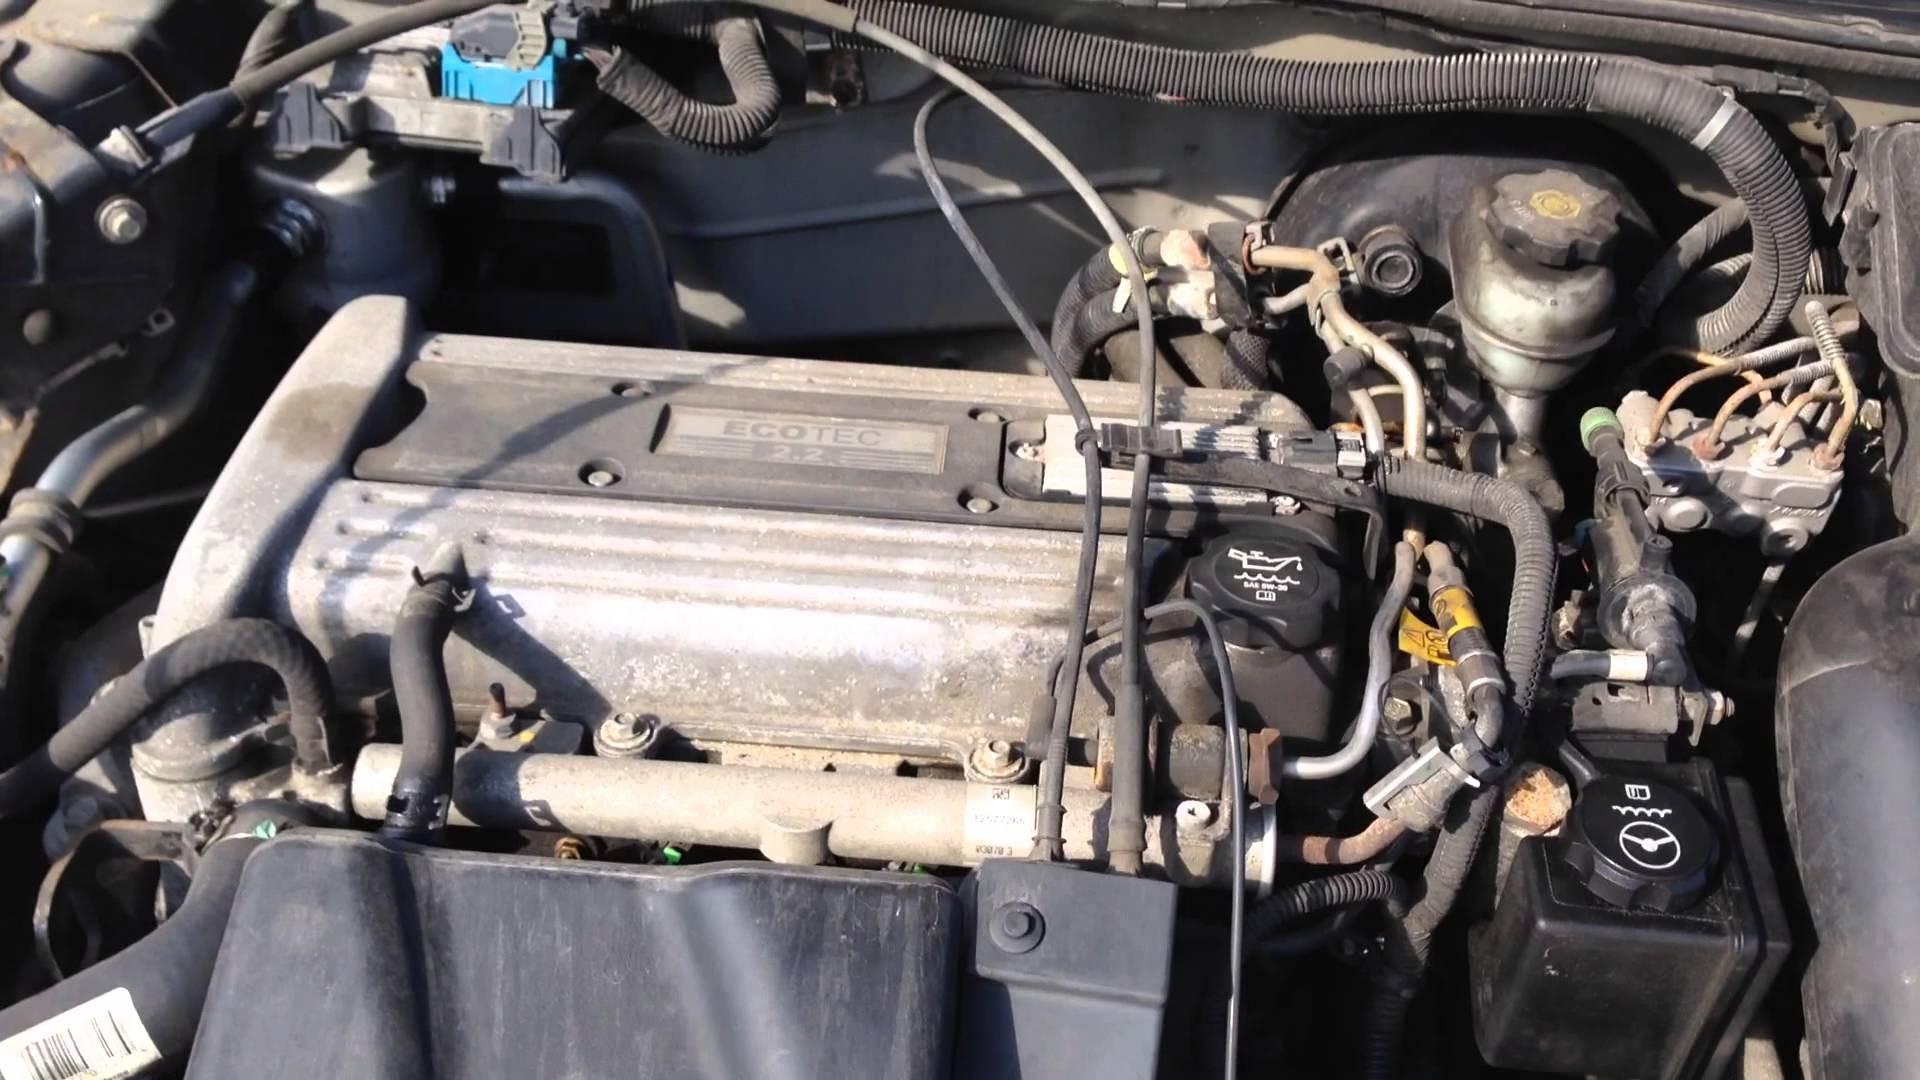 2003 Chevy Cavalier 22 Engine Diagram Newhairstylesformen2014com